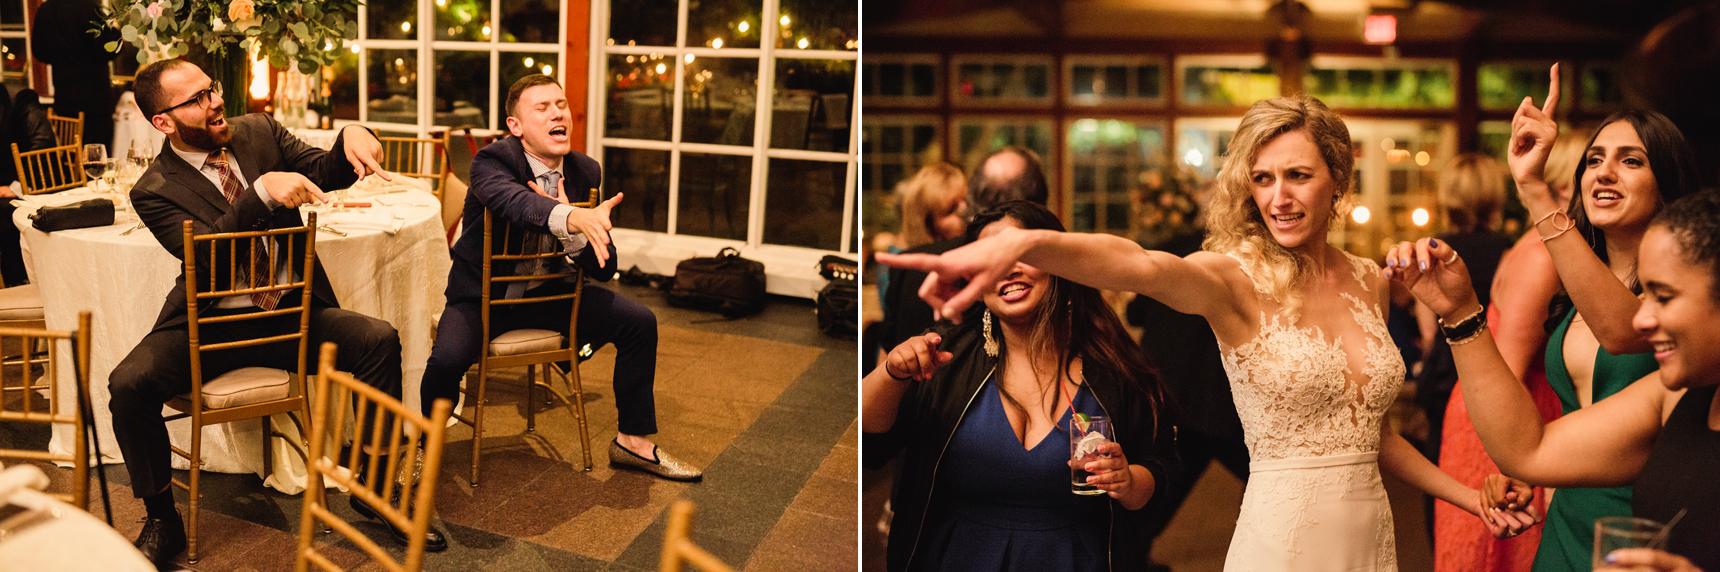 Jory_LoebBoathouse_CentralPark_NewYork_WeddingPhotographer130.jpg